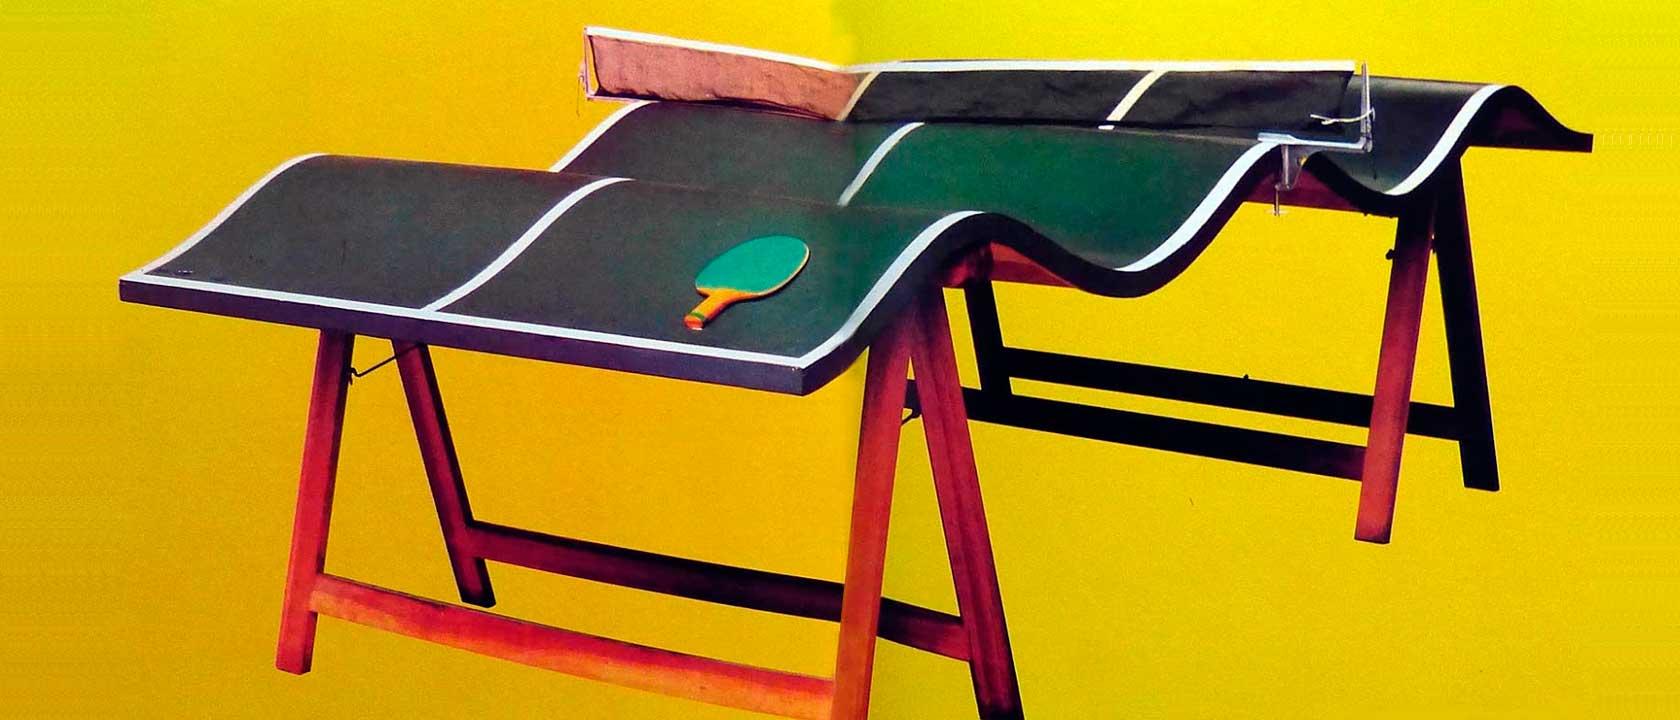 Que garant a tiene una mesa de ping pong ofertas de for Mesa de ping pong milanuncios